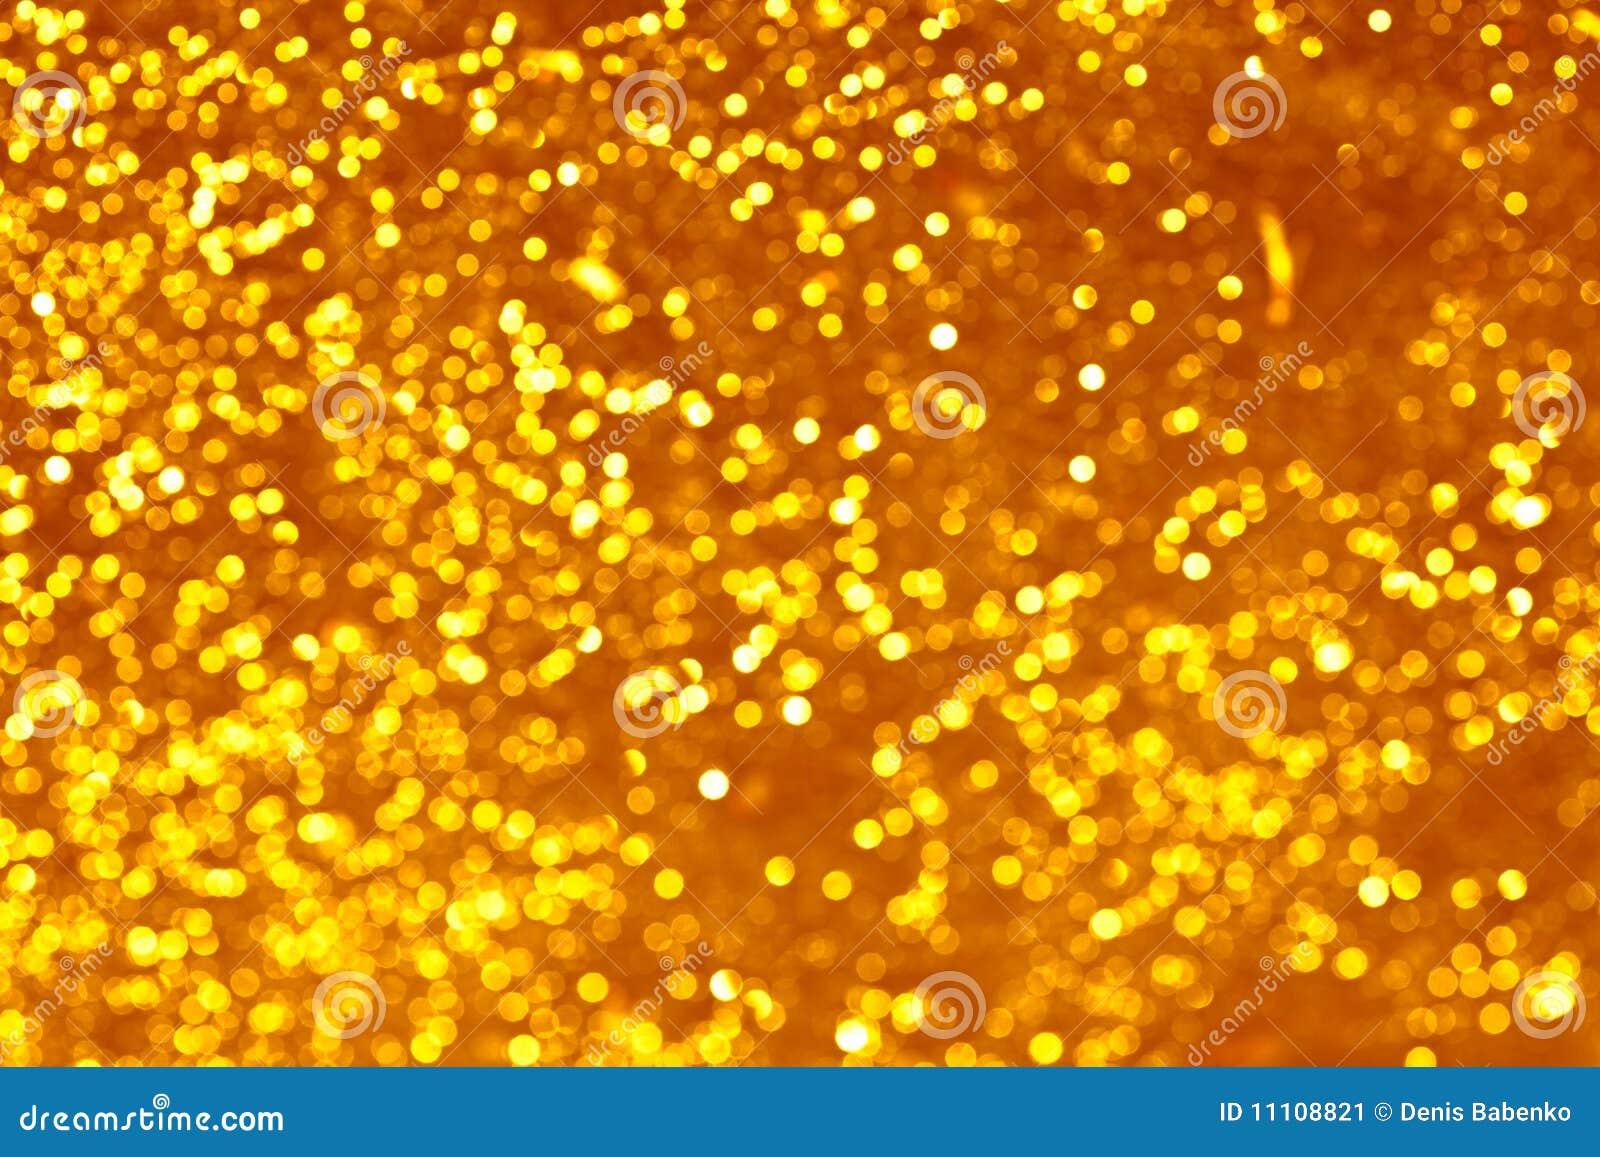 Gold spots bokeh